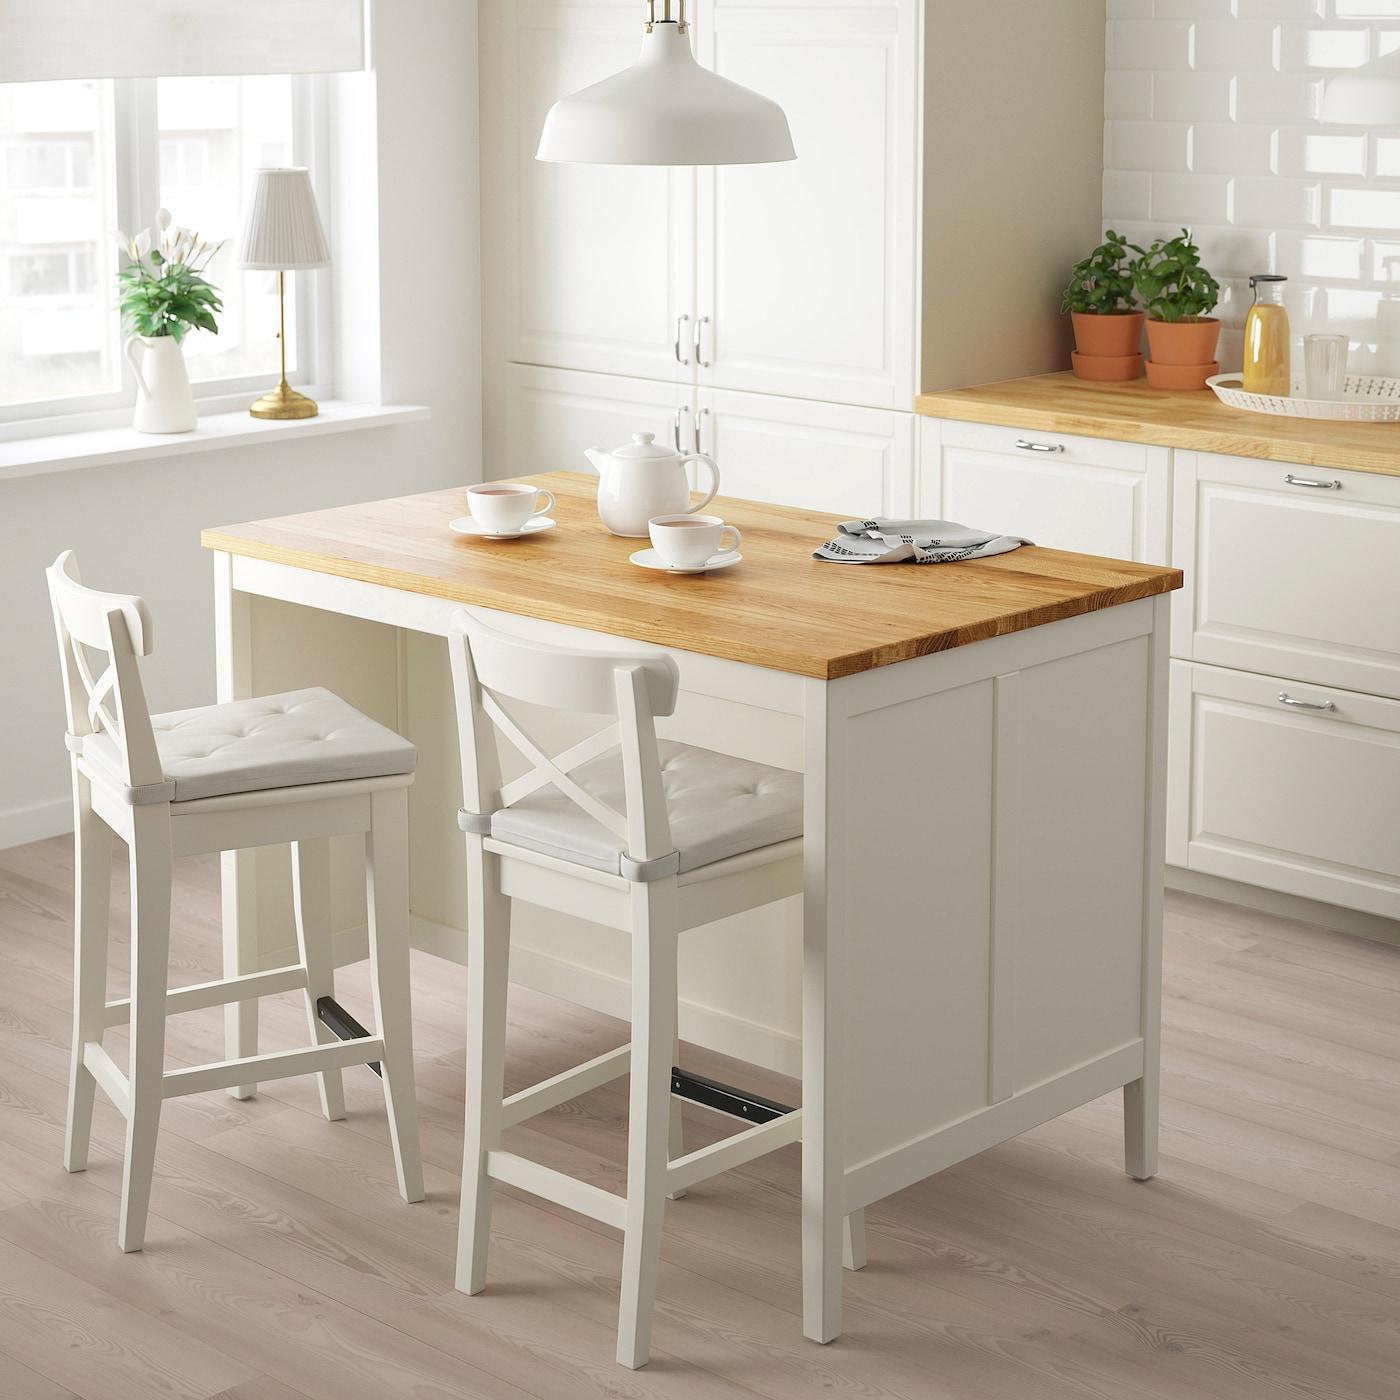 Tornviken Ilot Pour Cuisine Blanc Casse Chene Ikea Suisse